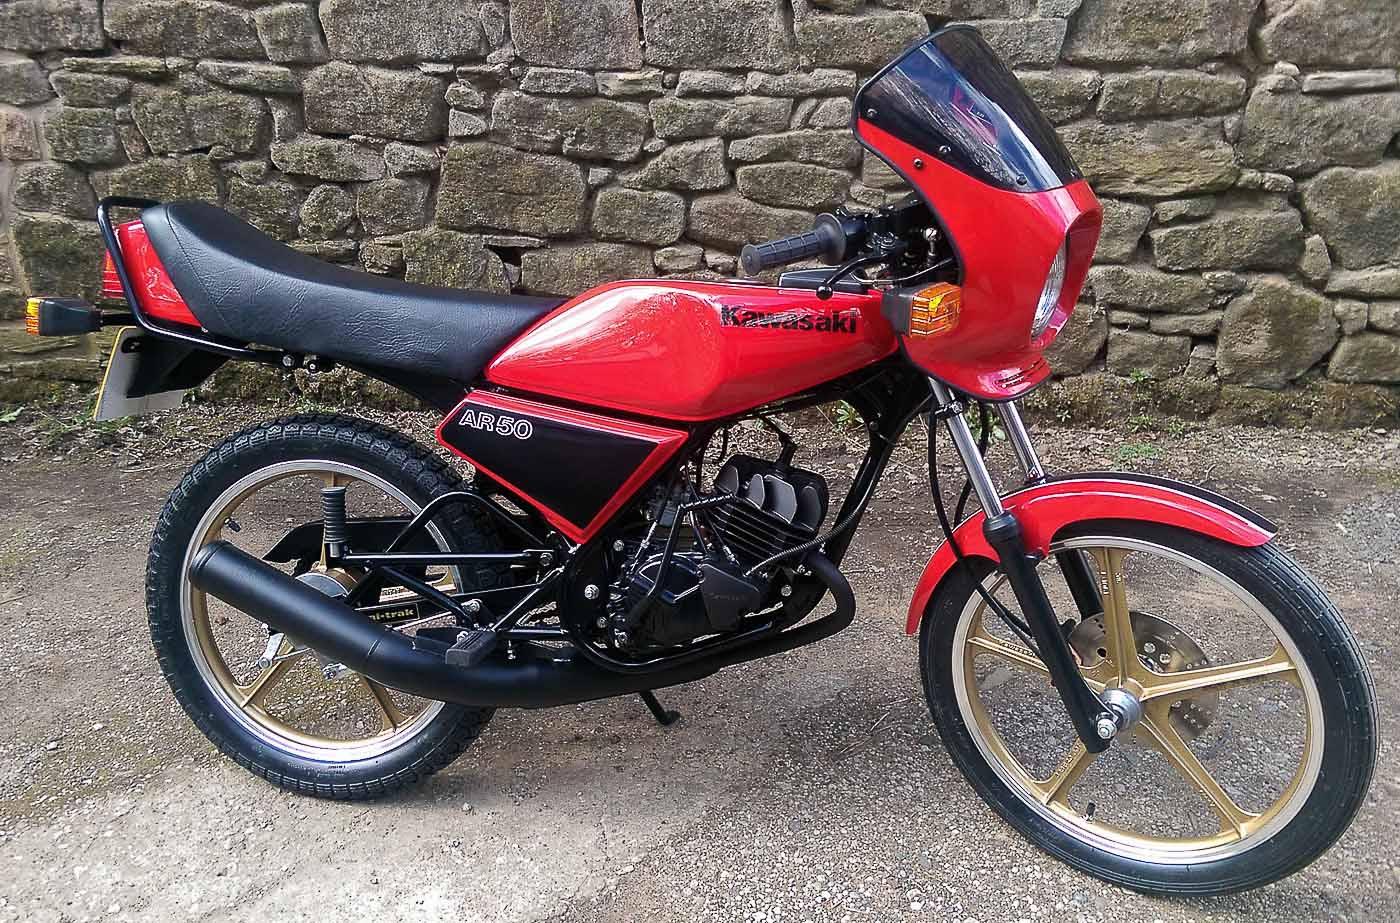 KAWASAKI AR 80 (1981-1990)